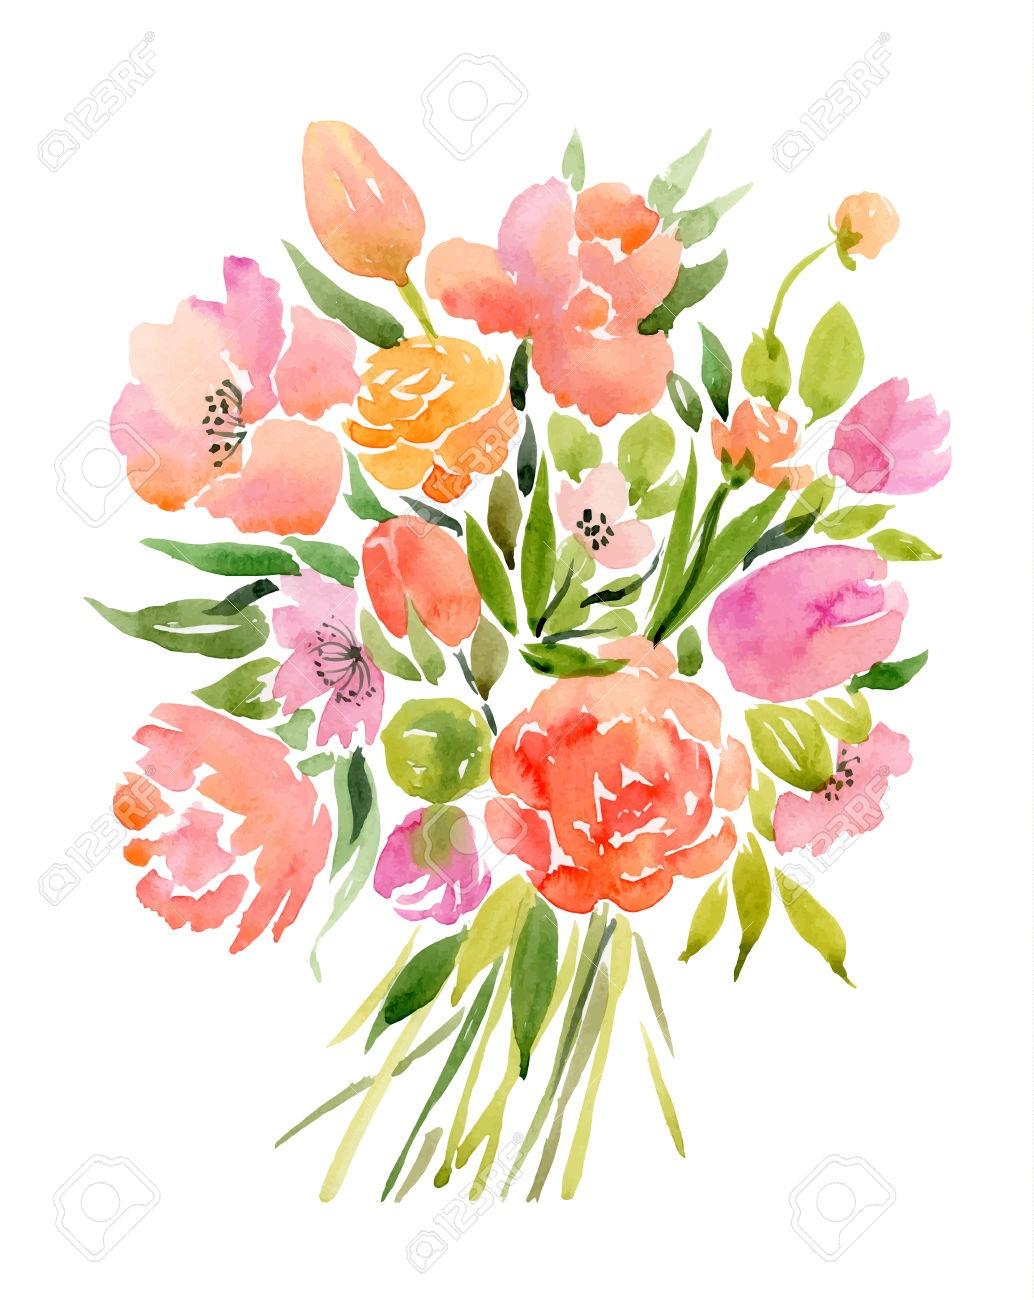 clip art royalty free stock Bouquet clipart colour flower. Arrangements elegant flowers drawing